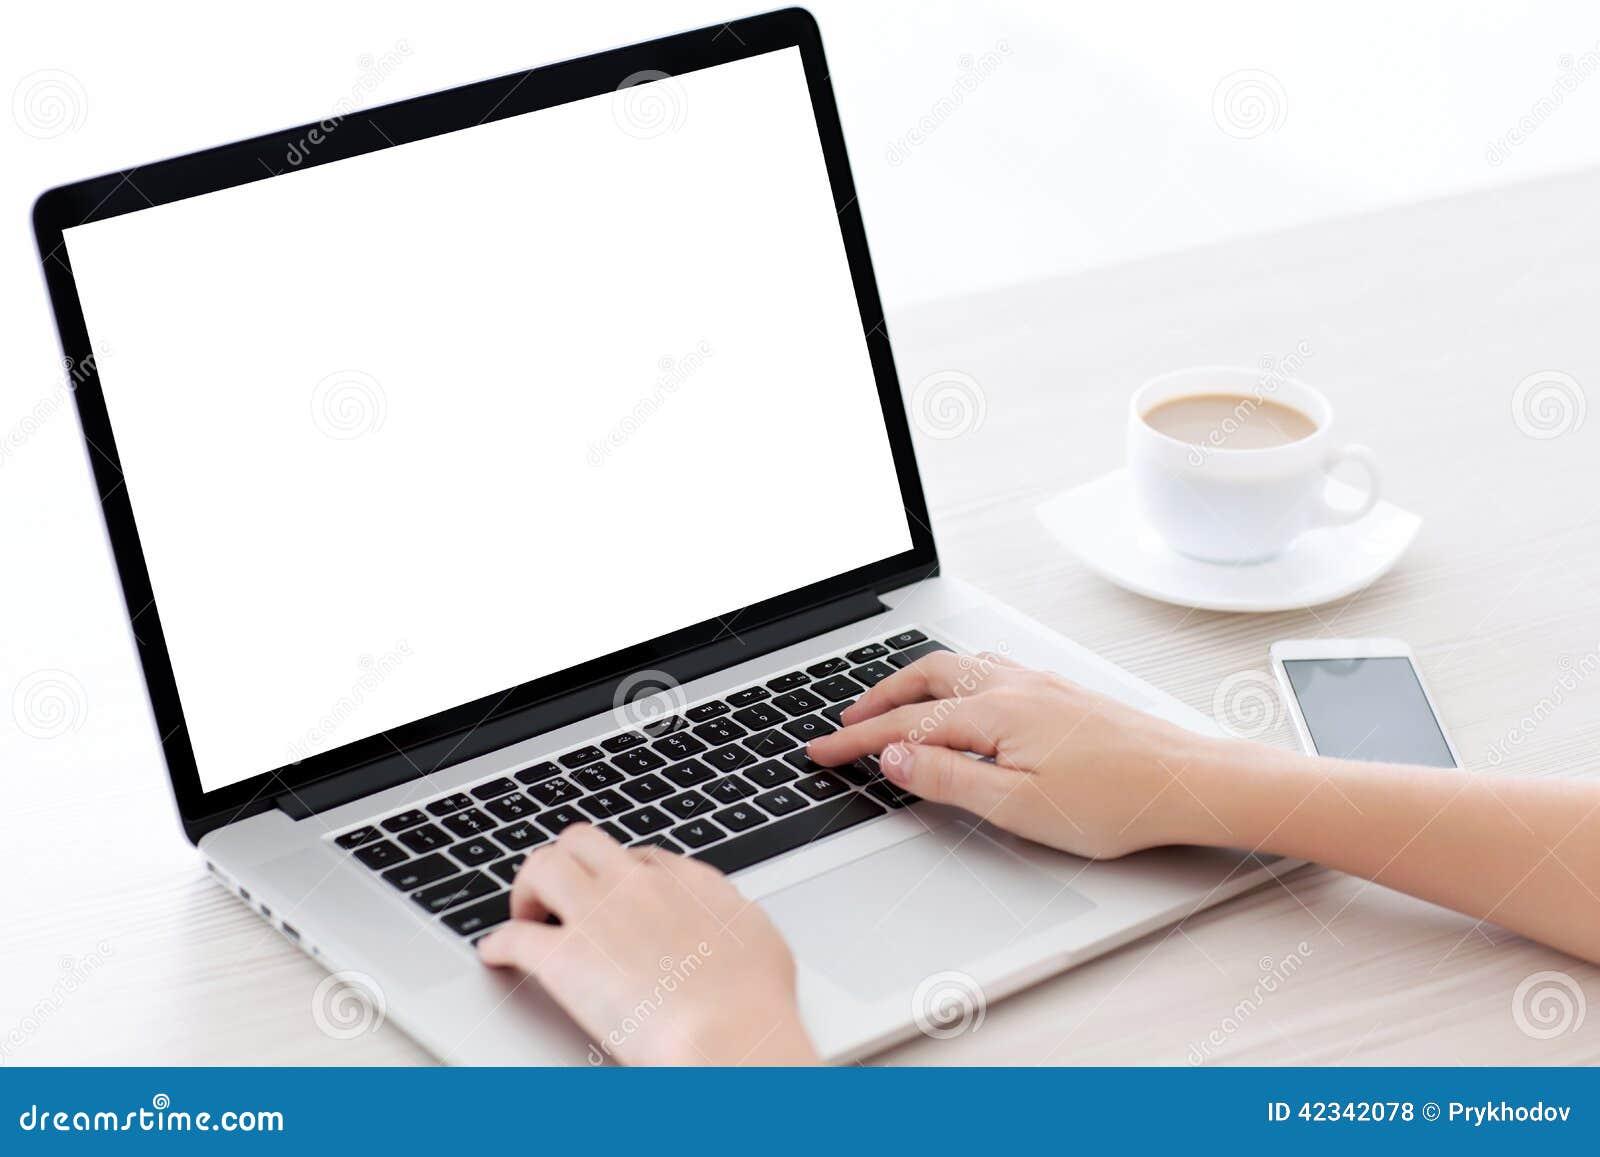 Manos femeninas que mecanograf an en un teclado del - Foto teclado ordenador ...